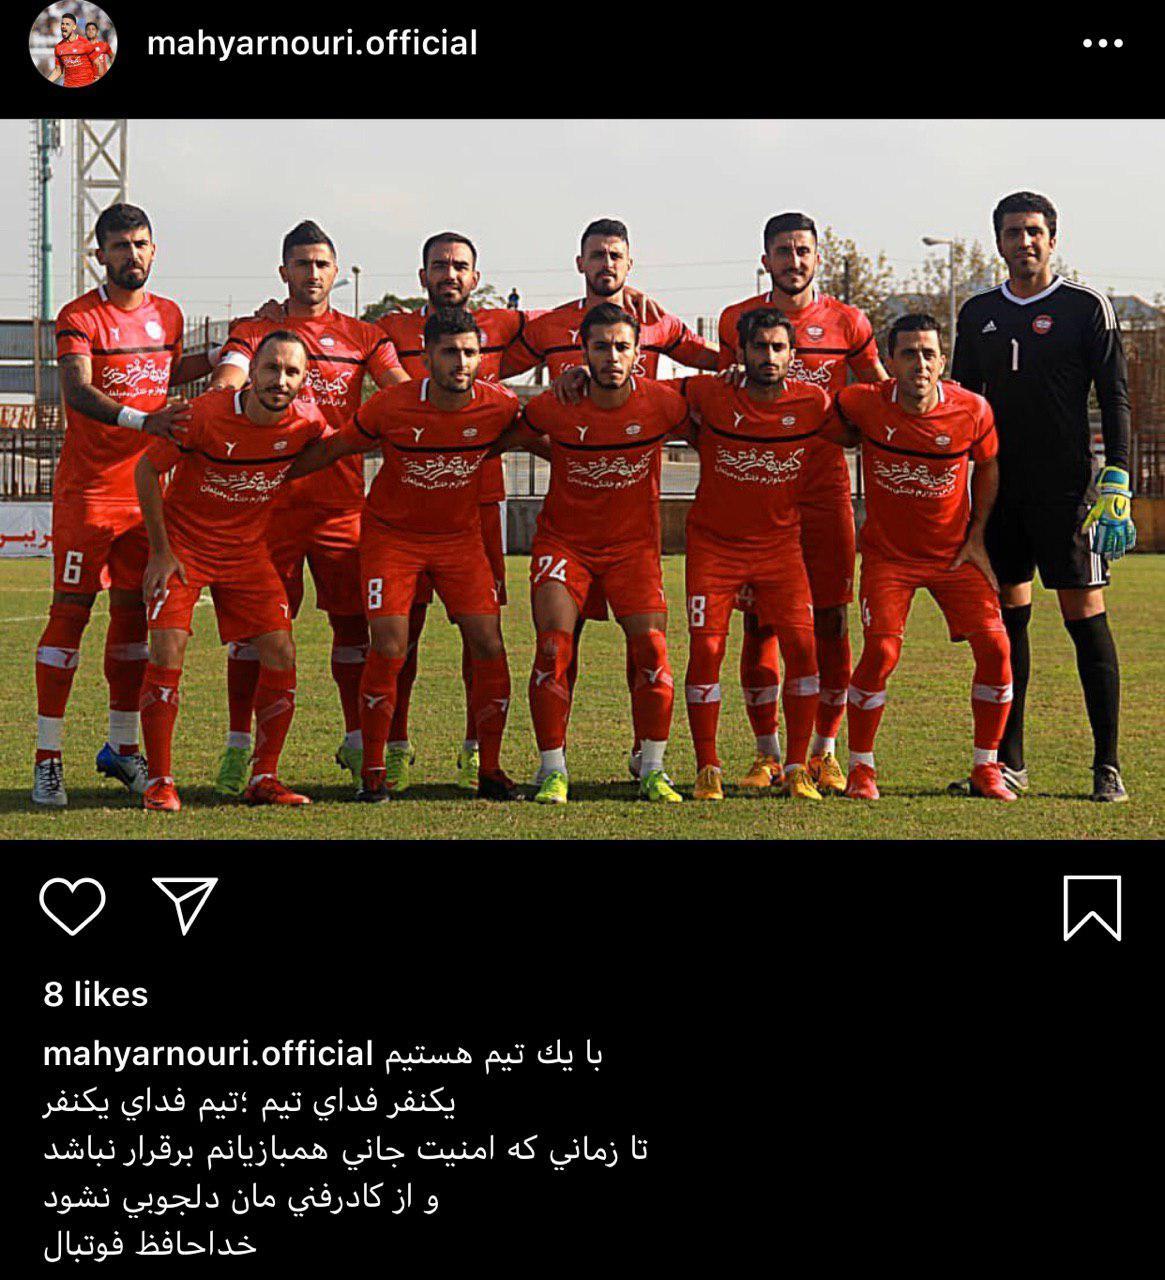 (عکس) خداحافظی دسته جمعی بازیکنان سپیدرود از فوتبال!